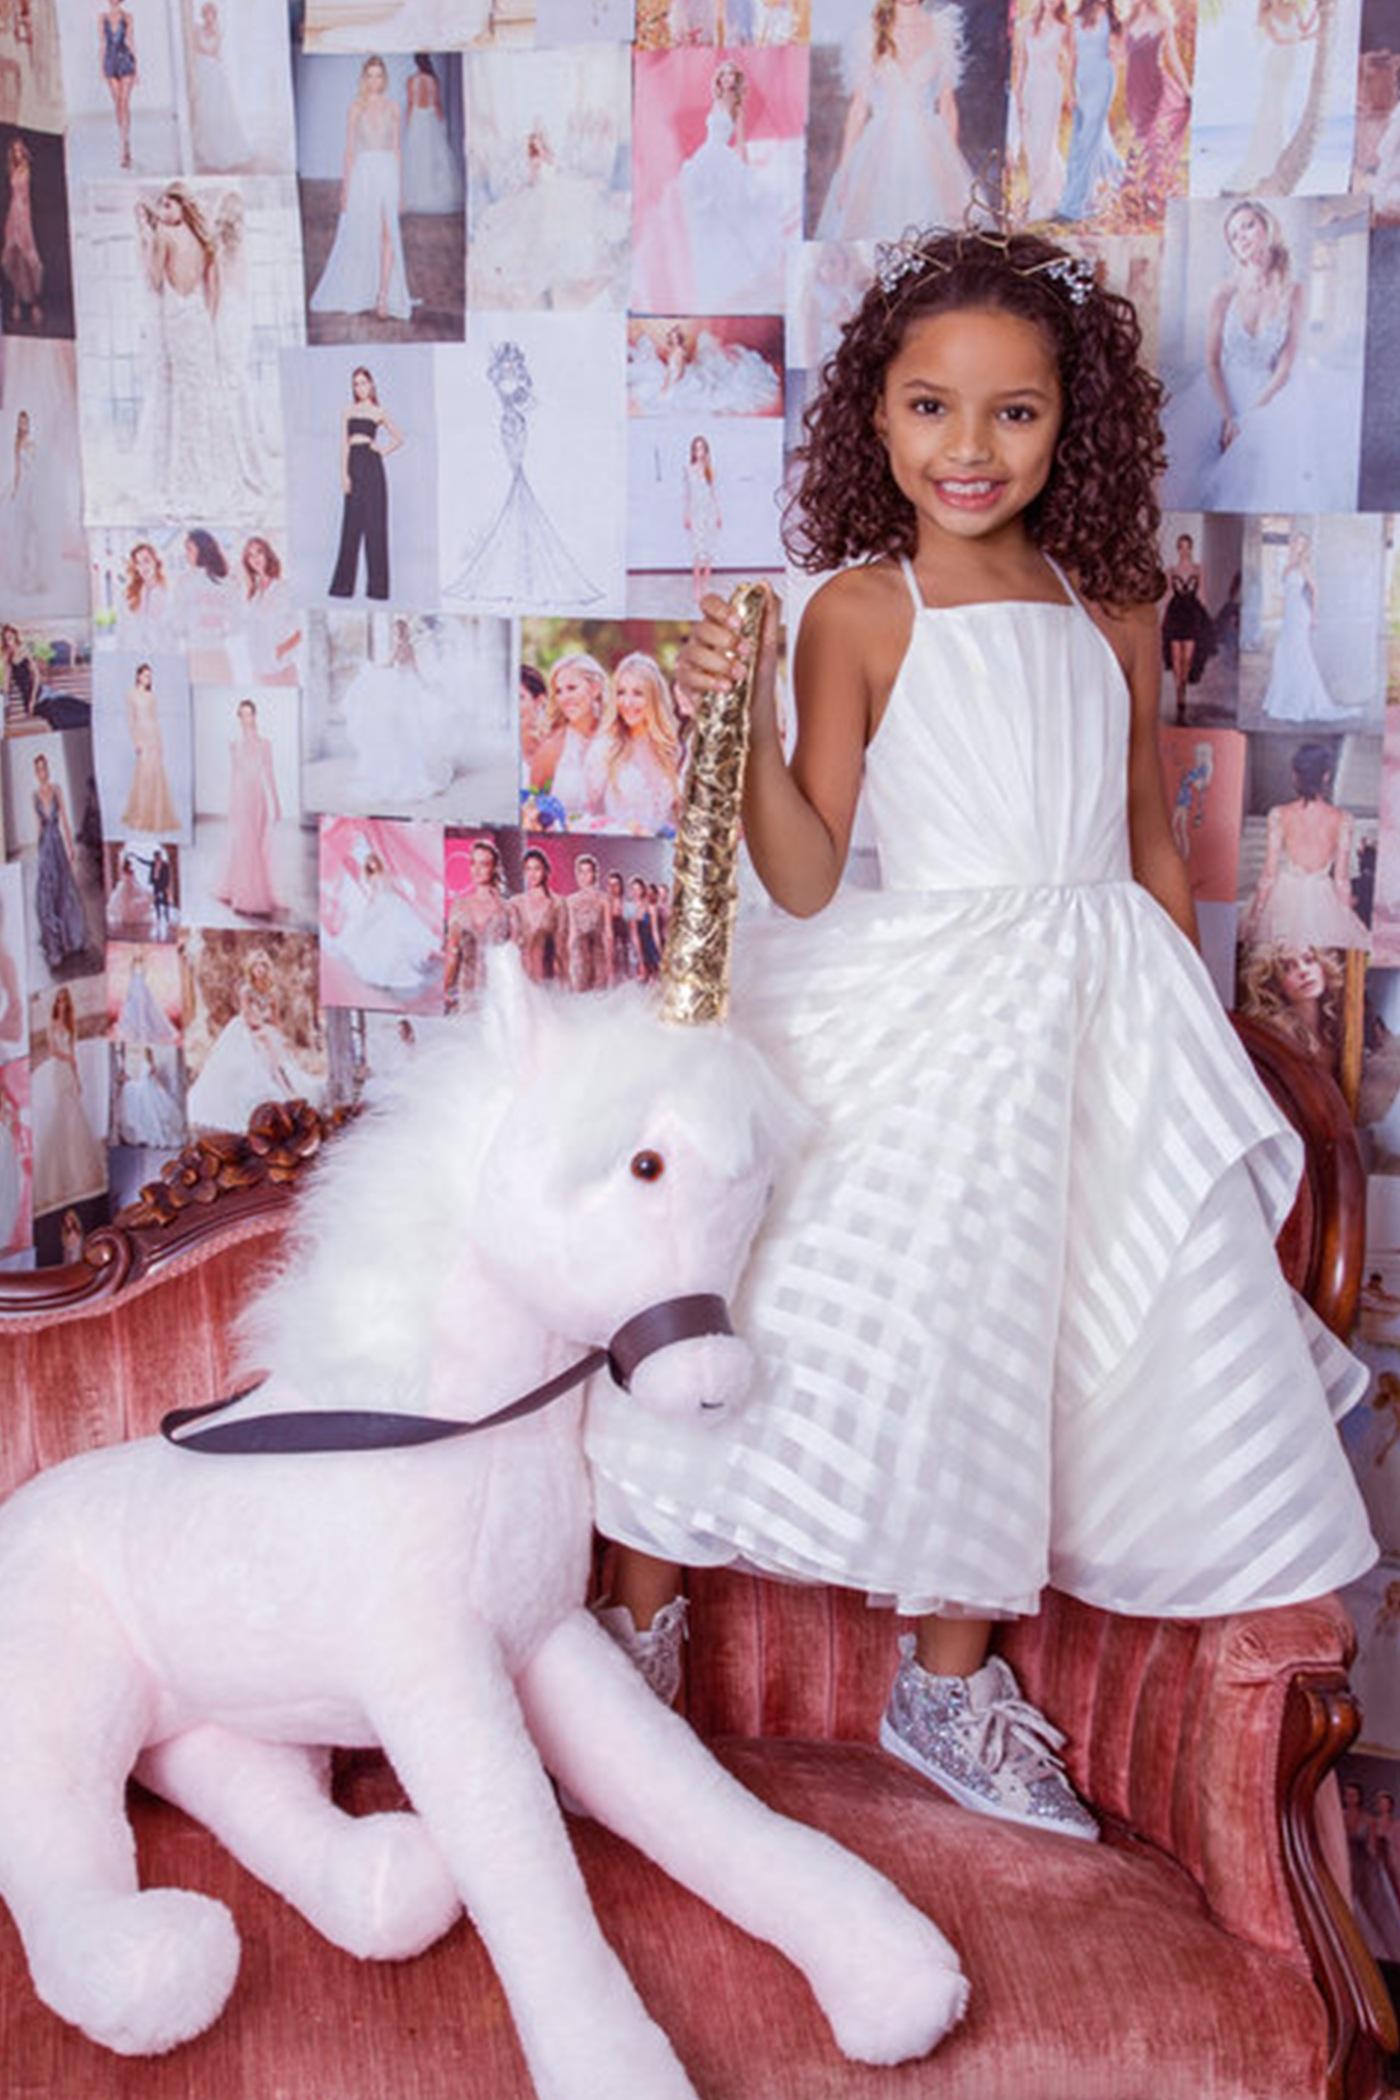 Le Petit Hayley Paige